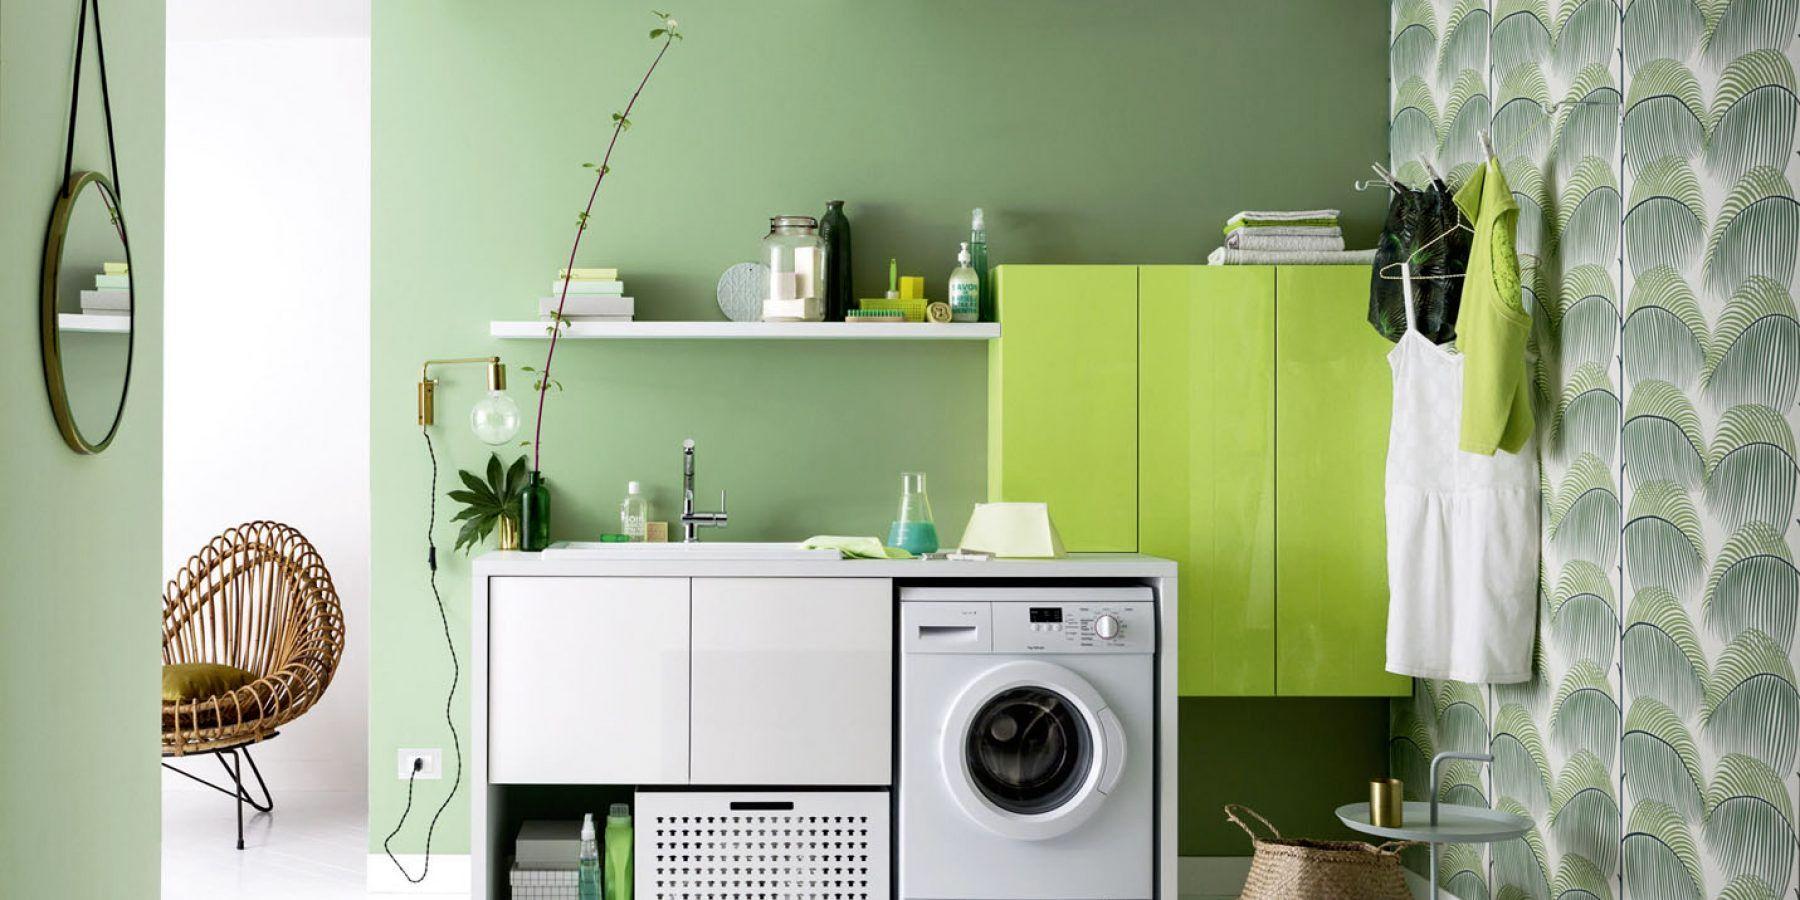 Zona lavanderia: come organizzarlo al meglio